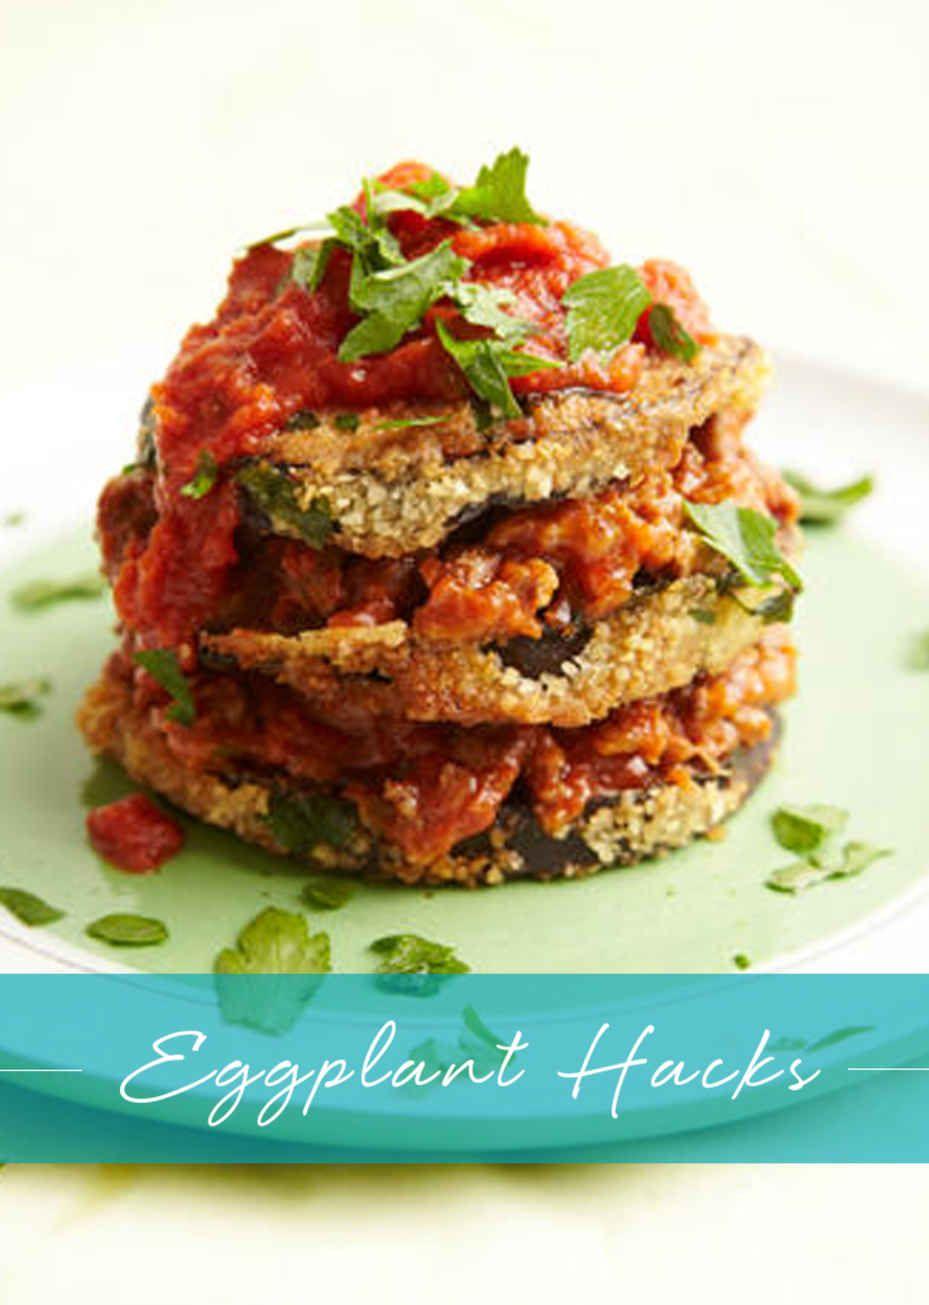 How to Prepare Eggplant, Plus 18 Excellent Eggplant Recipes - Joy of Kosher